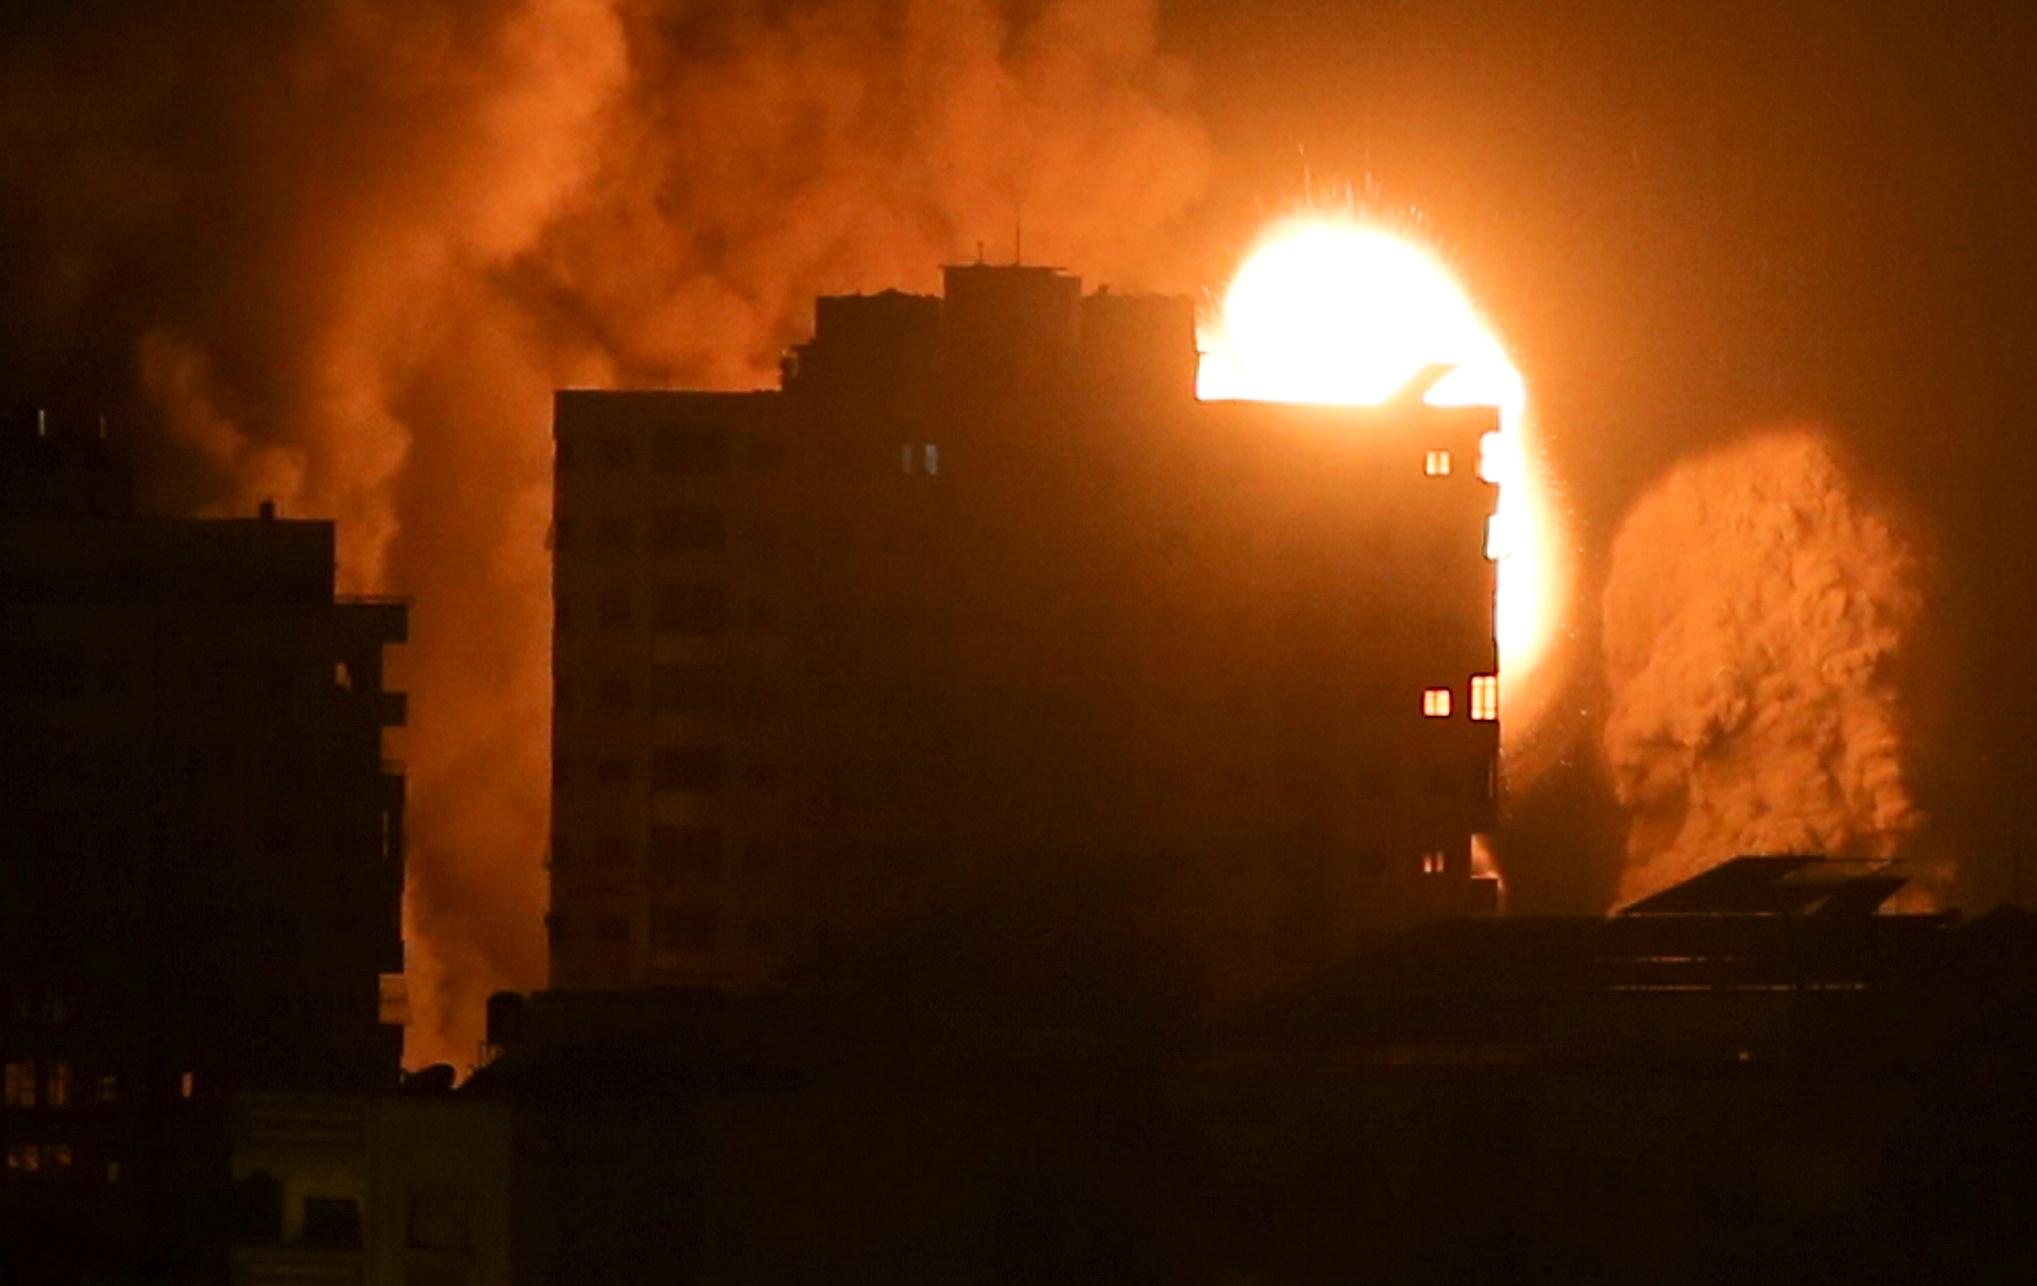 Μαύρη εβδομάδα στη Λωρίδα της Γάζας με 200 νεκρούς – Απόκοσμες εικόνες από τους νέους ισραηλινούς βομβαρδισμούς